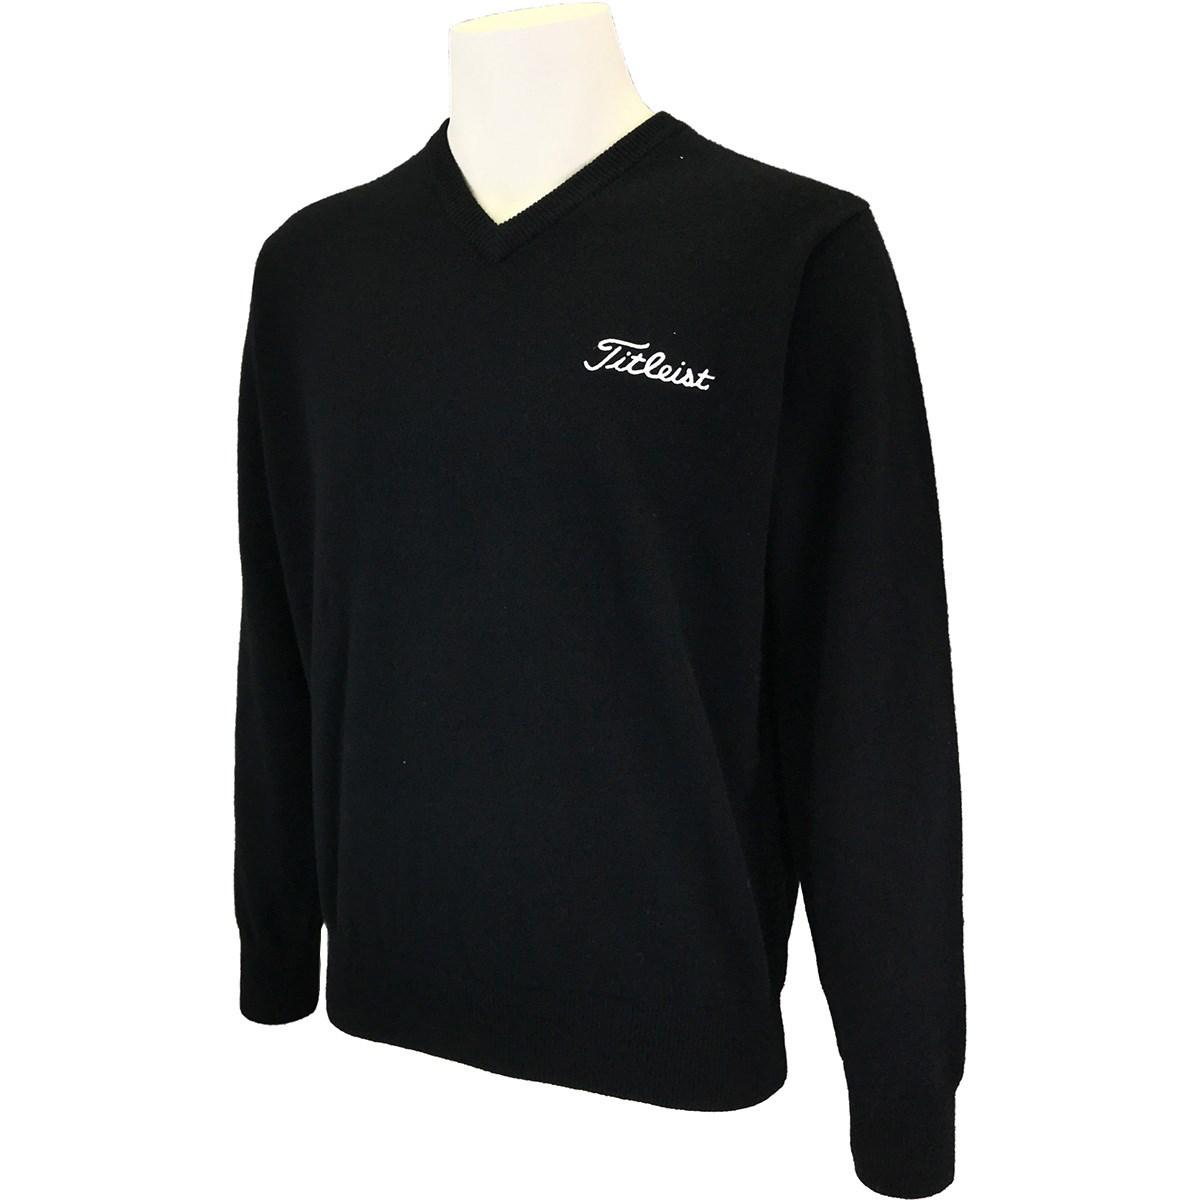 タイトリスト(Titleist) ツアーフラッグシップモデル カシミアVネックセーター